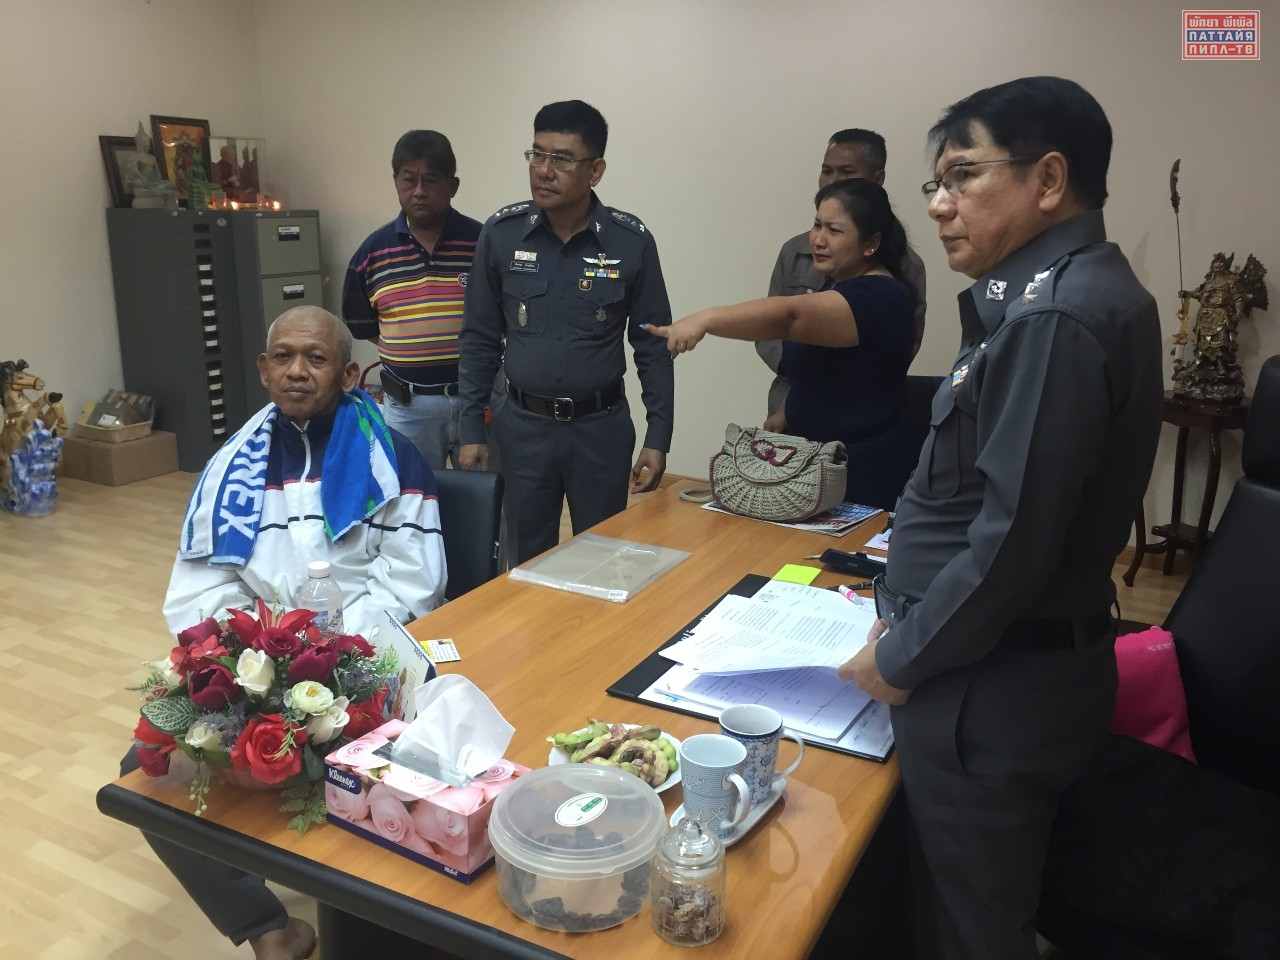 Находящийся в розыске преступник арестован в храме(1)